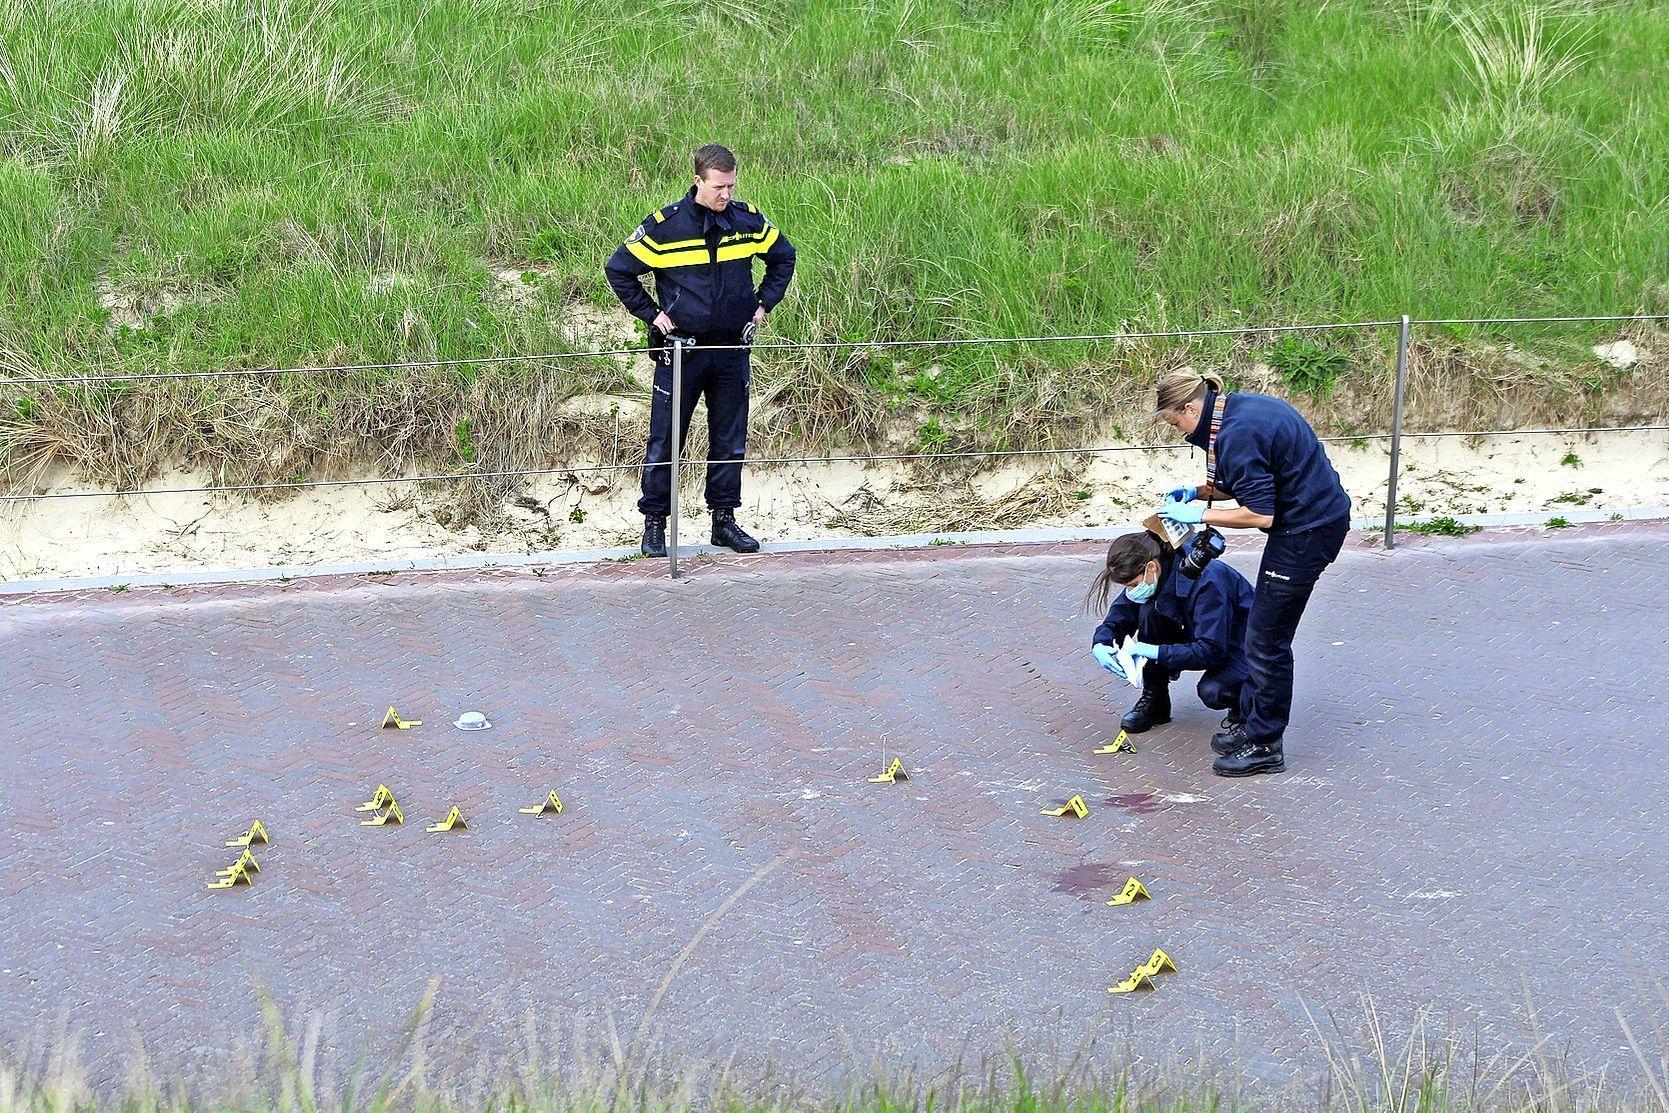 Het leven van de Duitse toerist hing aan een zijden draadje na mishandeling in Egmond aan Zee; twee verdachten in geruchtmakende zaak gaan in beroep tegen veroordeling tot 21 maanden cel